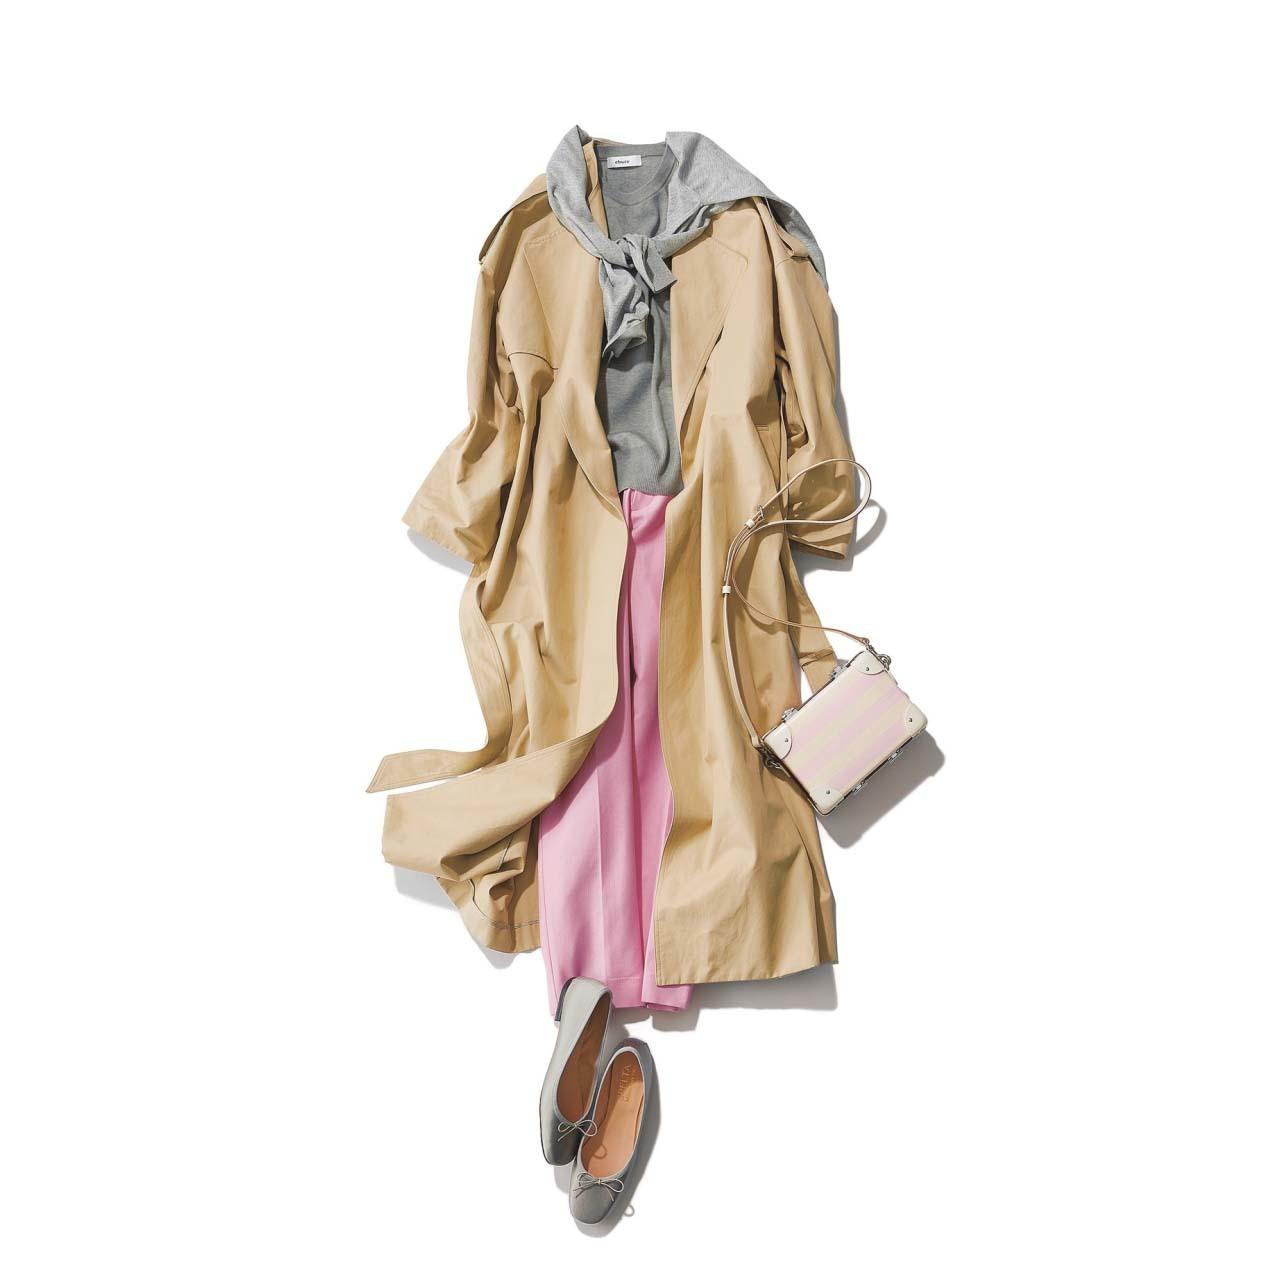 トレンチコート×ピンクパンツ×アイスグレーのフラット靴コーデ